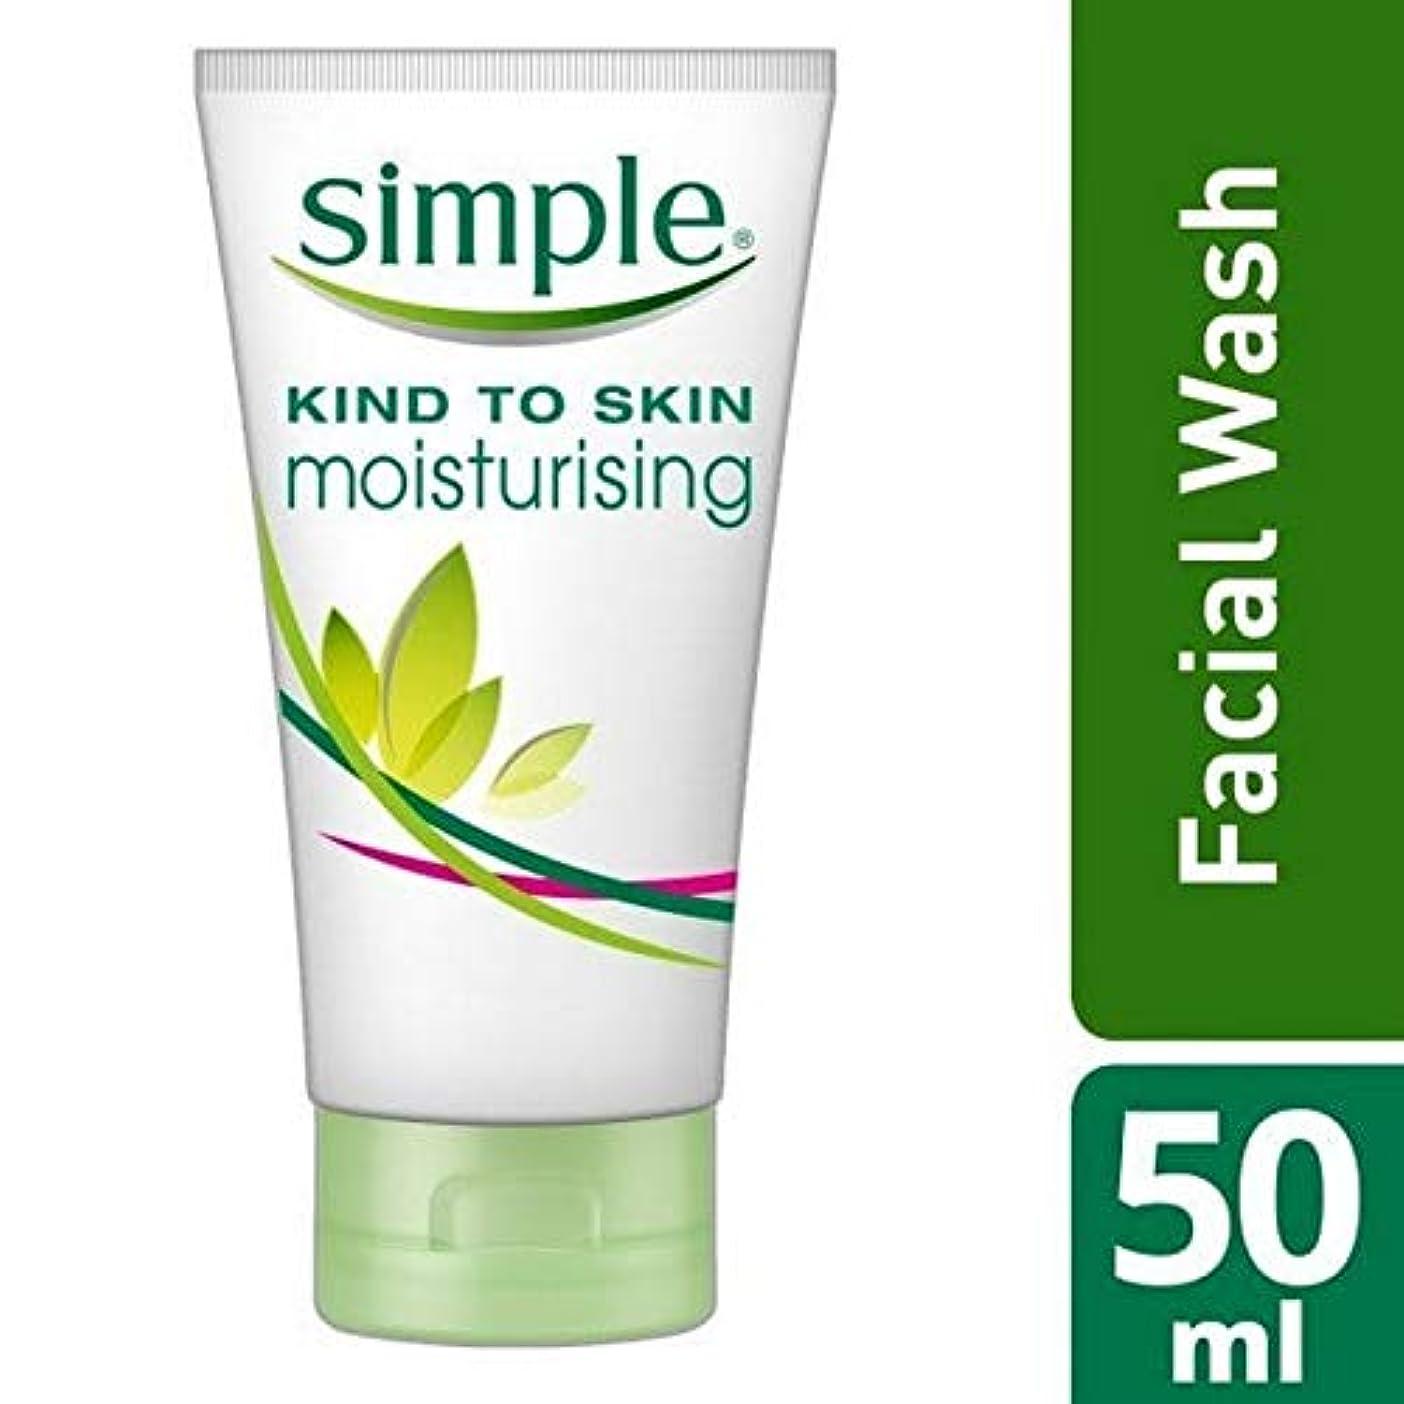 放棄された文献麻痺させる[Simple ] 洗顔50ミリリットルを保湿肌への単純な種類 - Simple Kind To Skin Moisturising Facial Wash 50ml [並行輸入品]